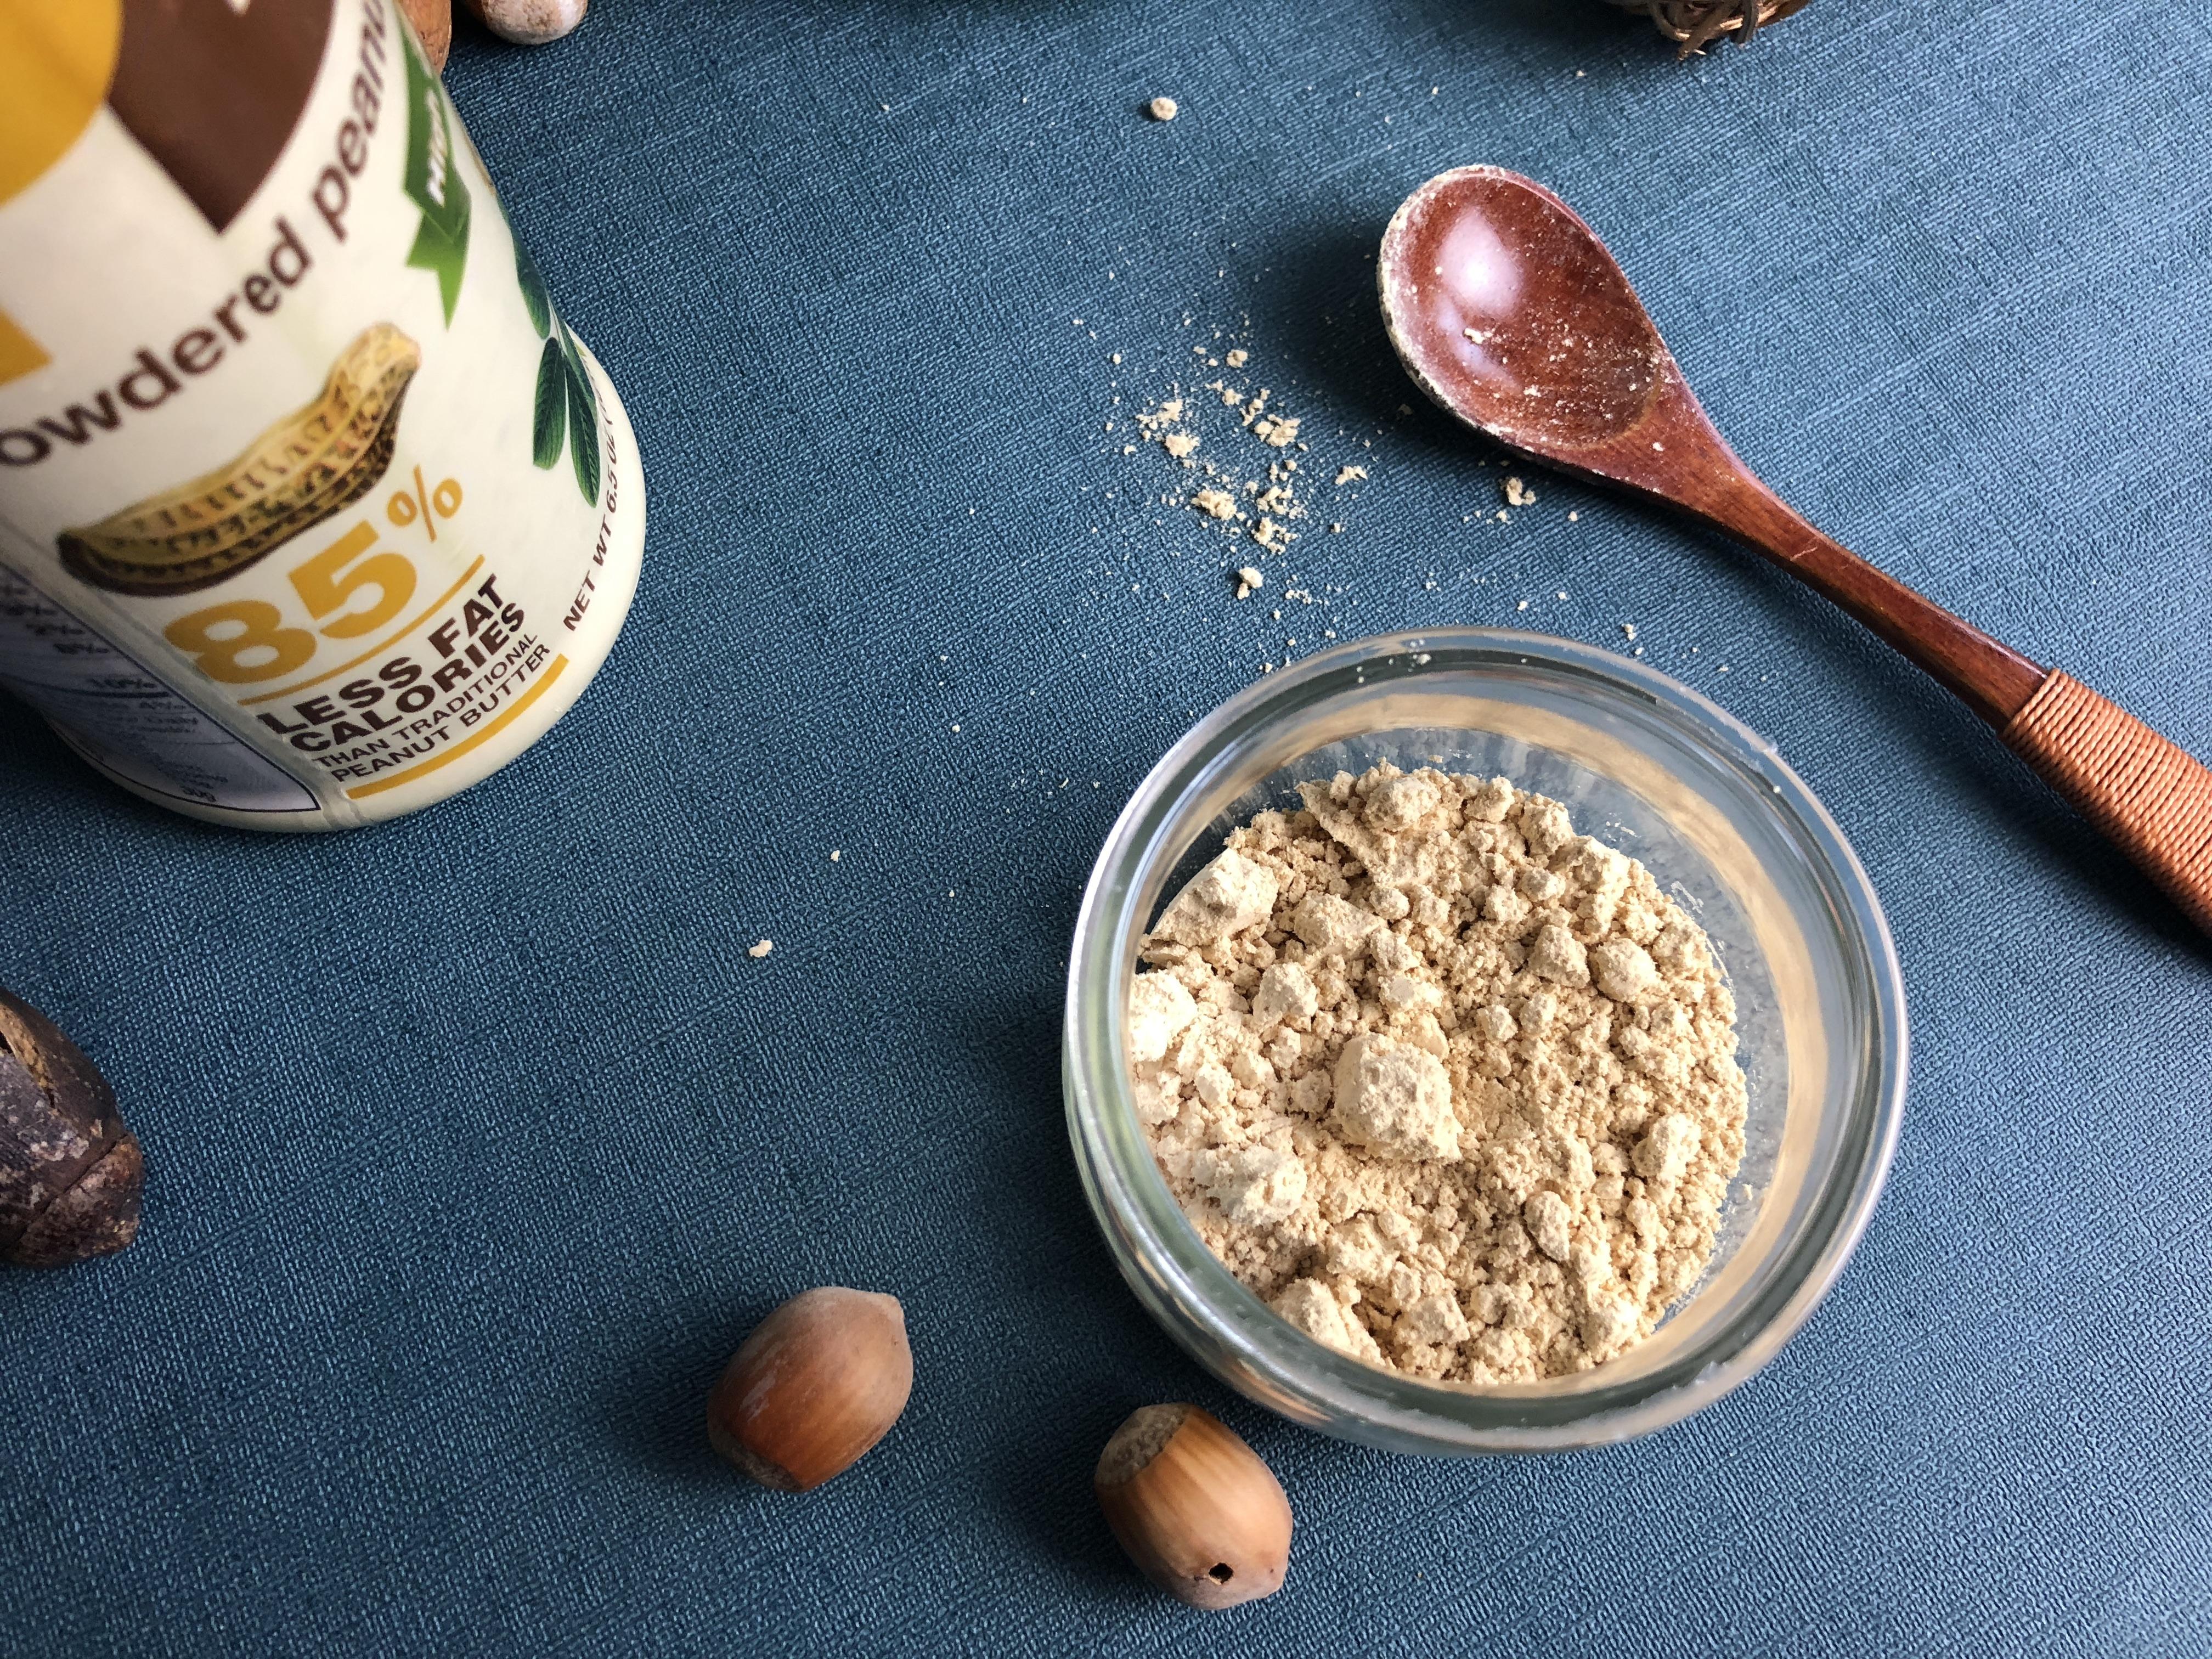 Beurre de cacahuètes PB2 poudre